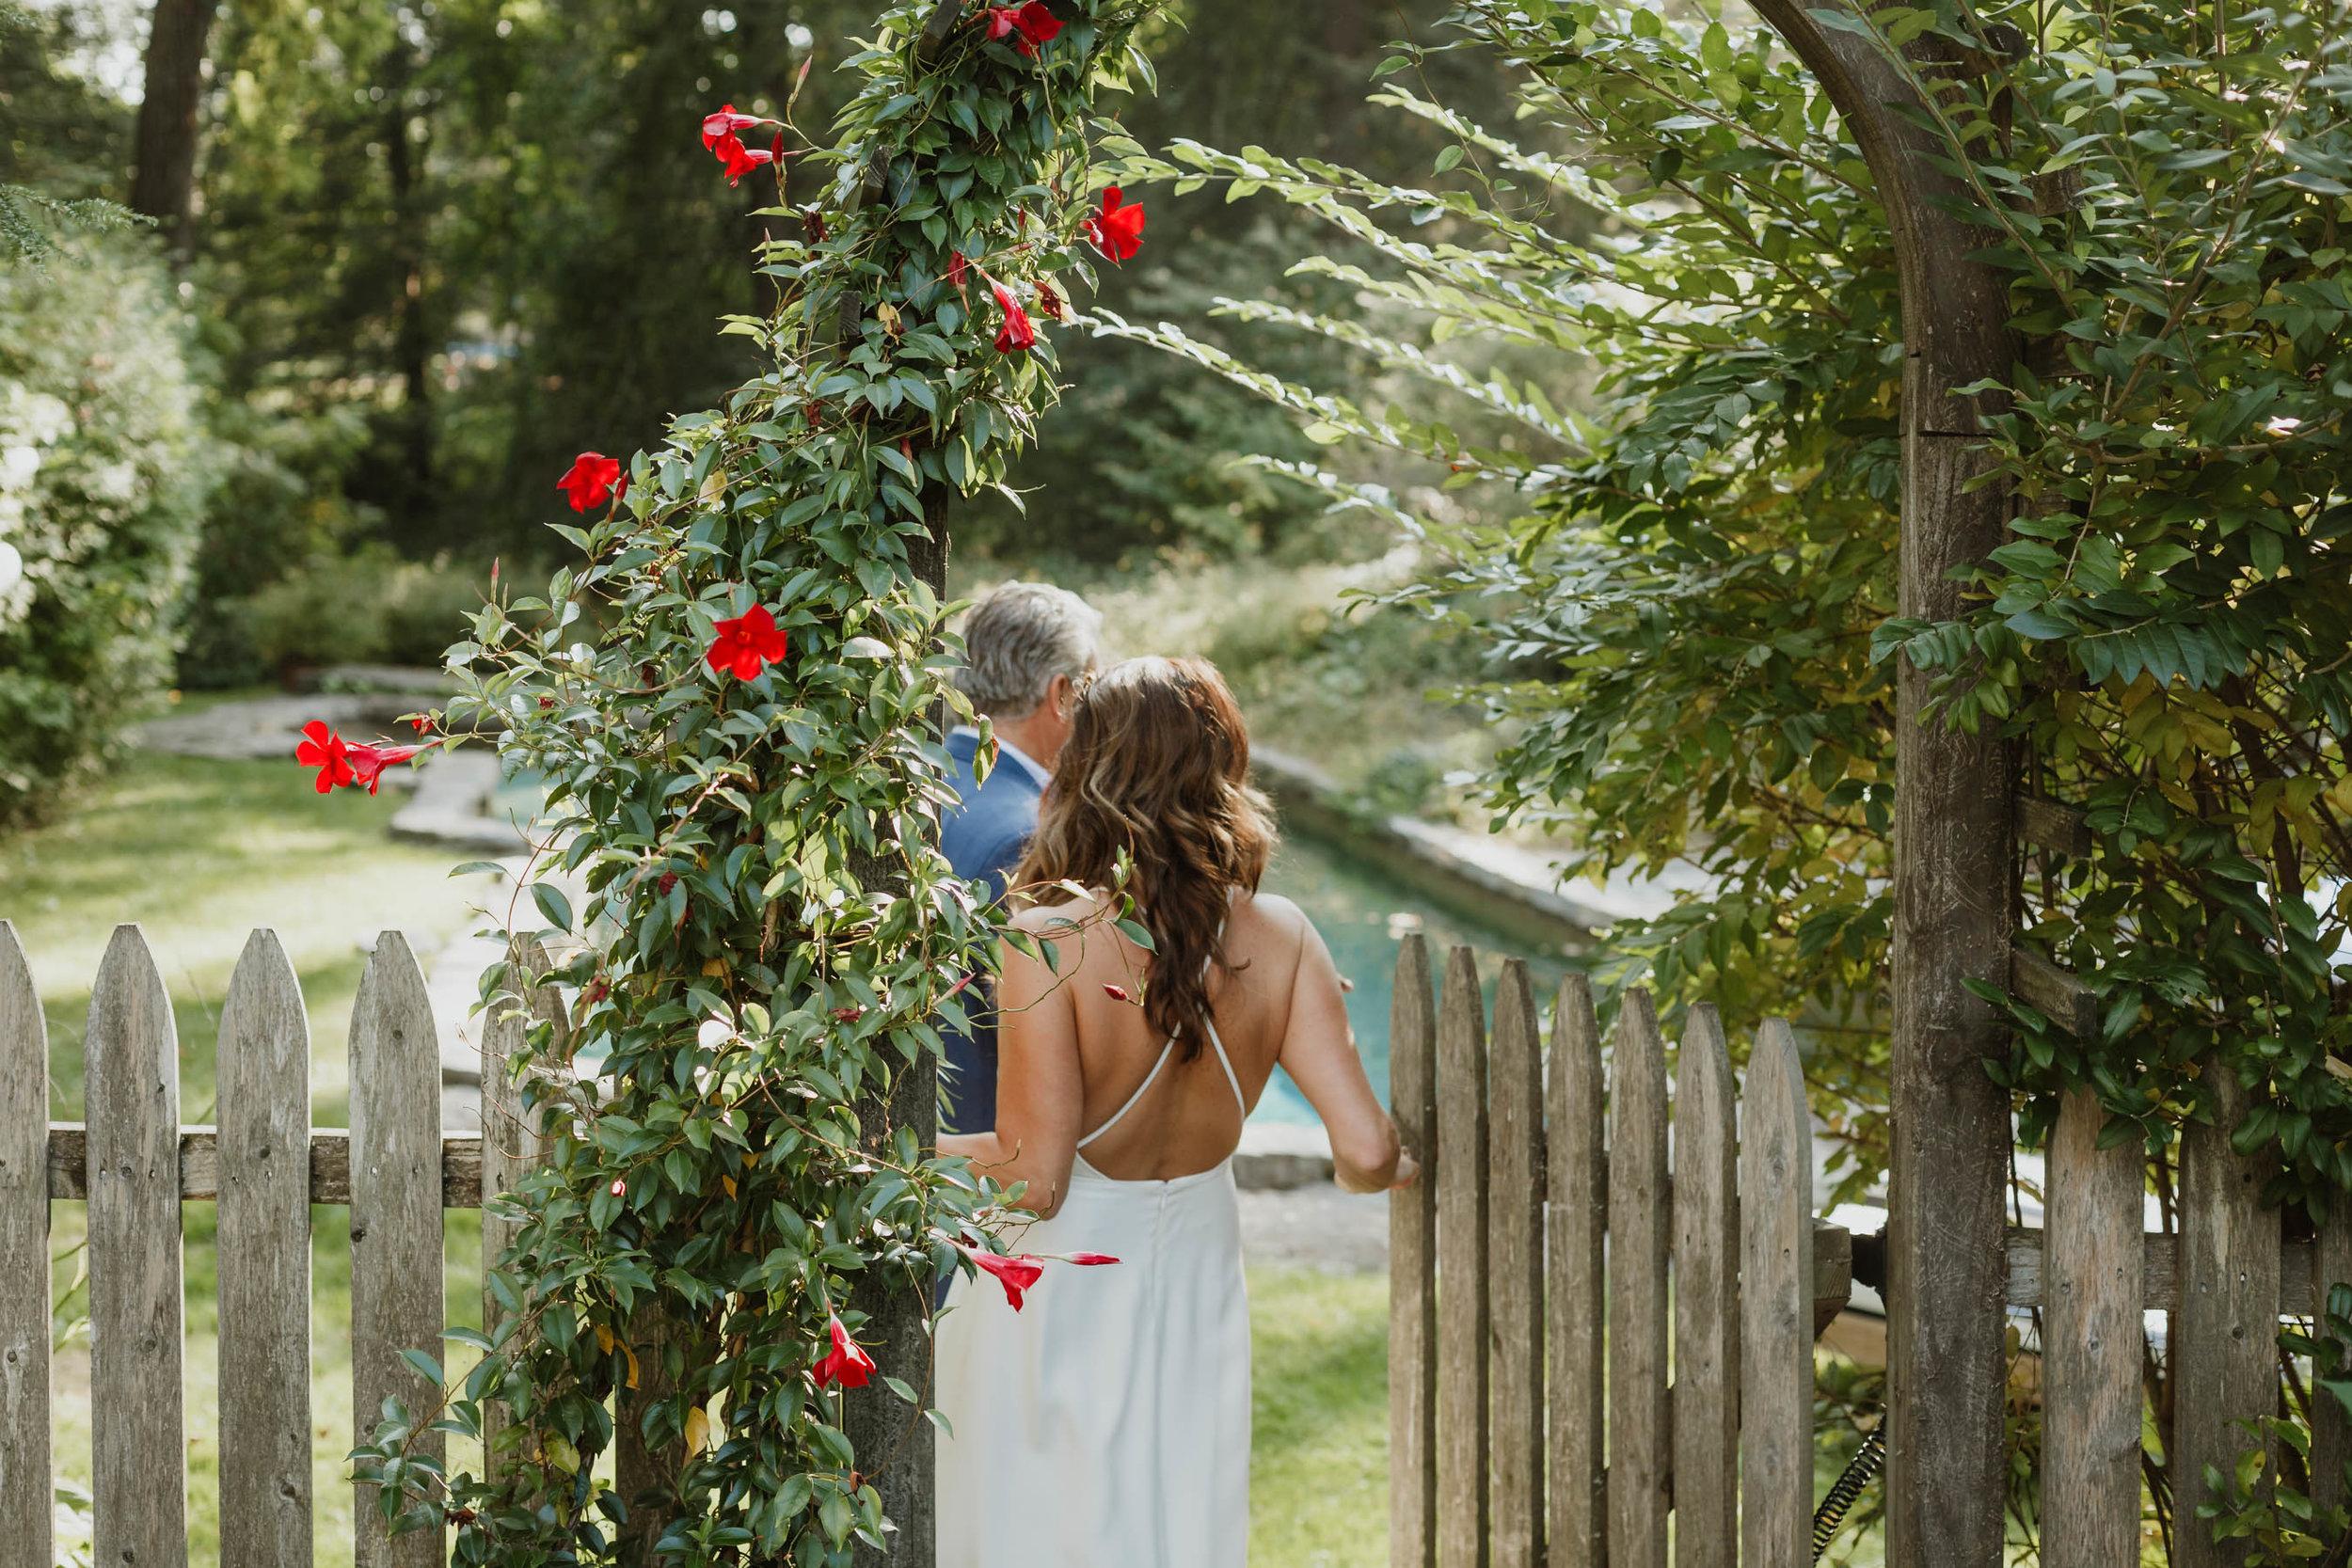 fairfield-county-connecticut-backyard-wedding-photographer--38.jpg